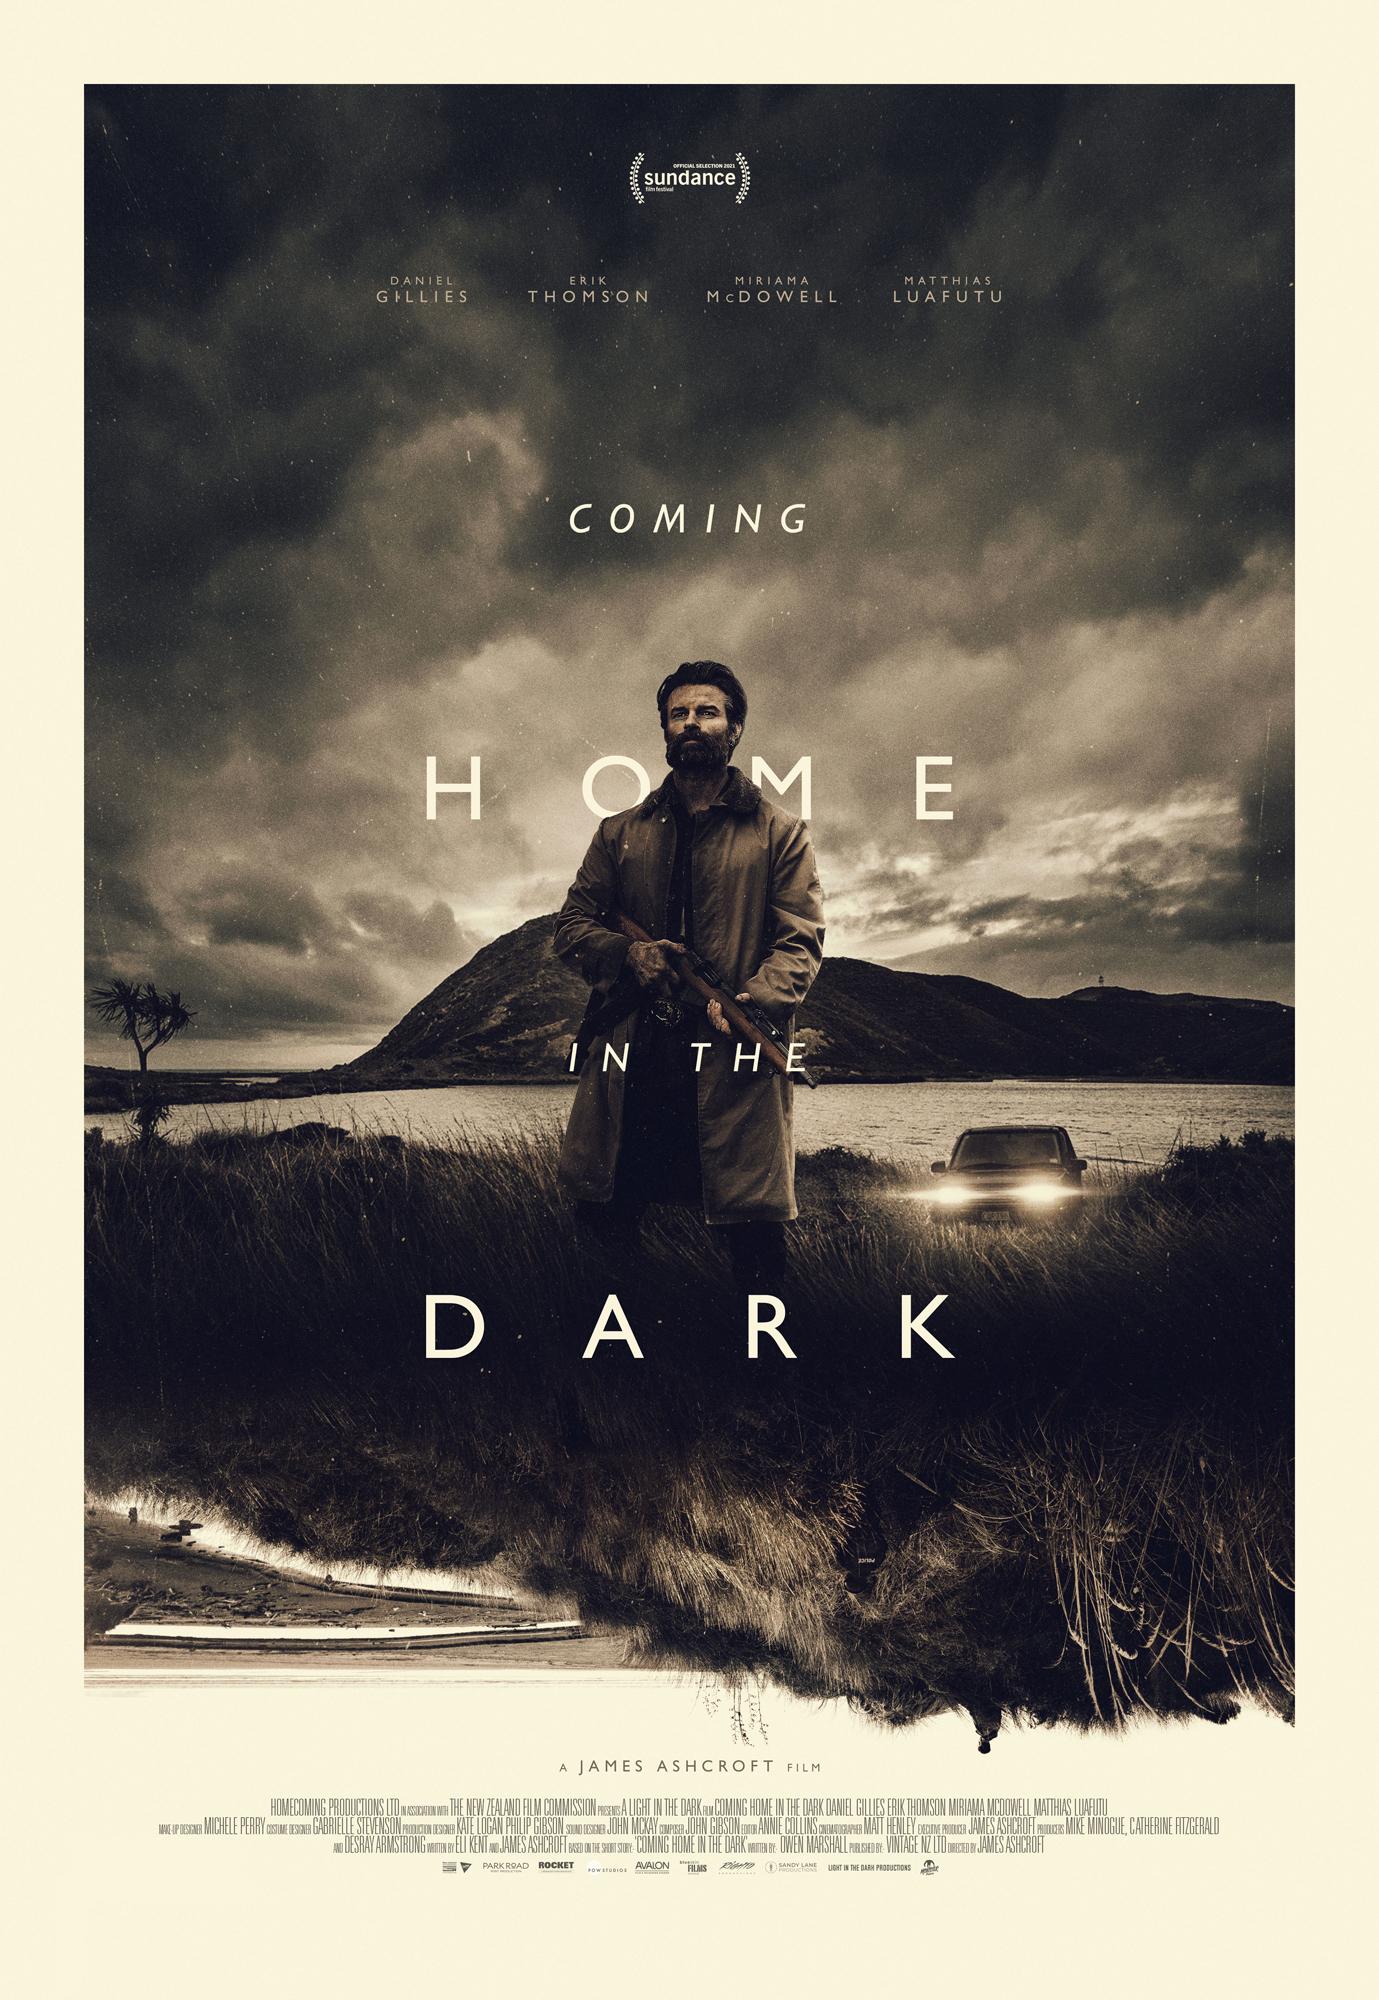 Phim Về Nhà Trong Bóng Đêm - Coming Home in the Dark (2021)